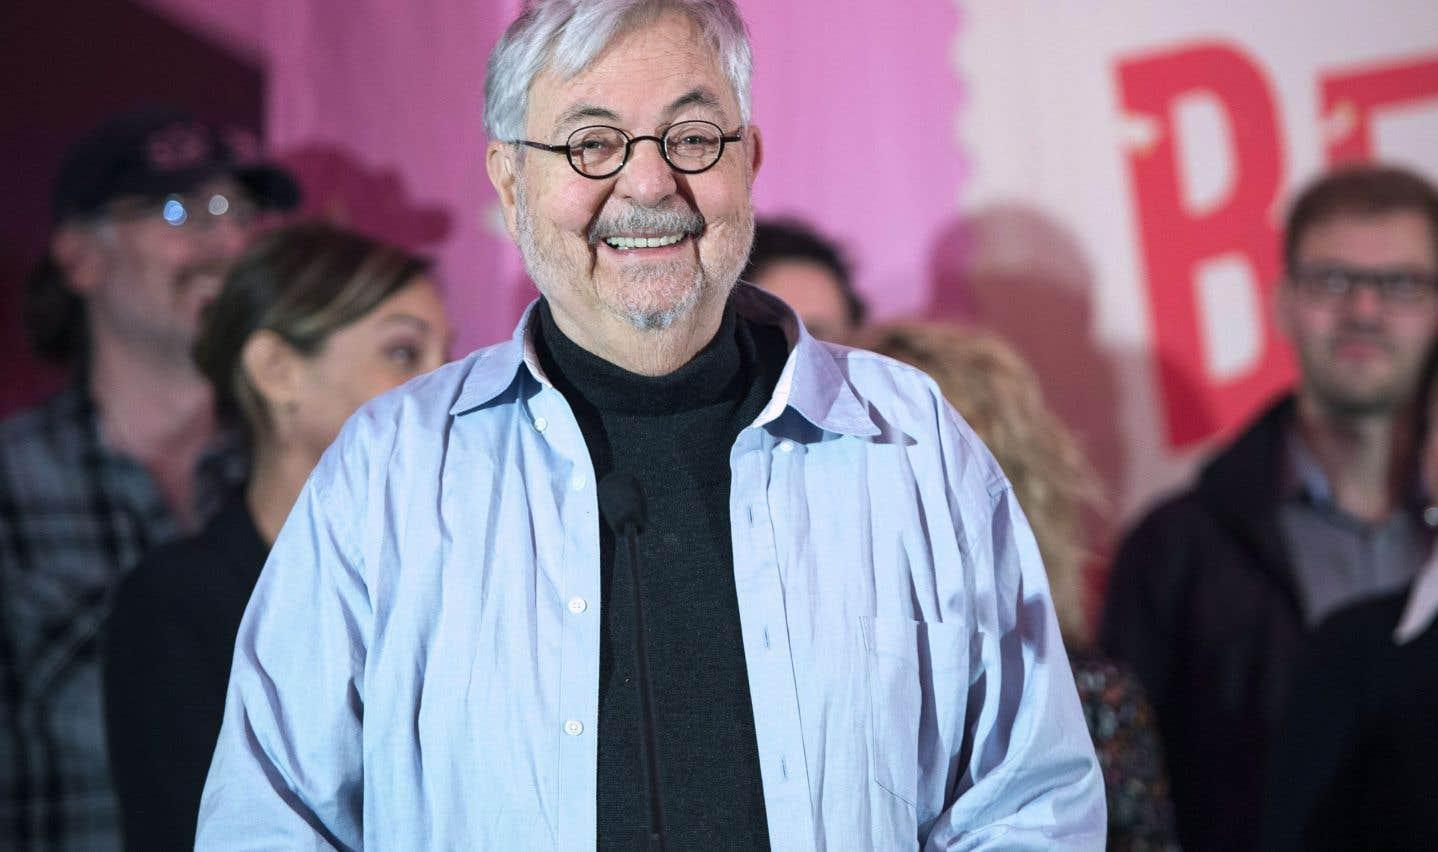 Pour l'ensemble de son œuvre, Michel Tremblay a reçu le prix Gilles-Corbeil de la Fondation Émile-Nelligan, d'une valeur de 100000$.